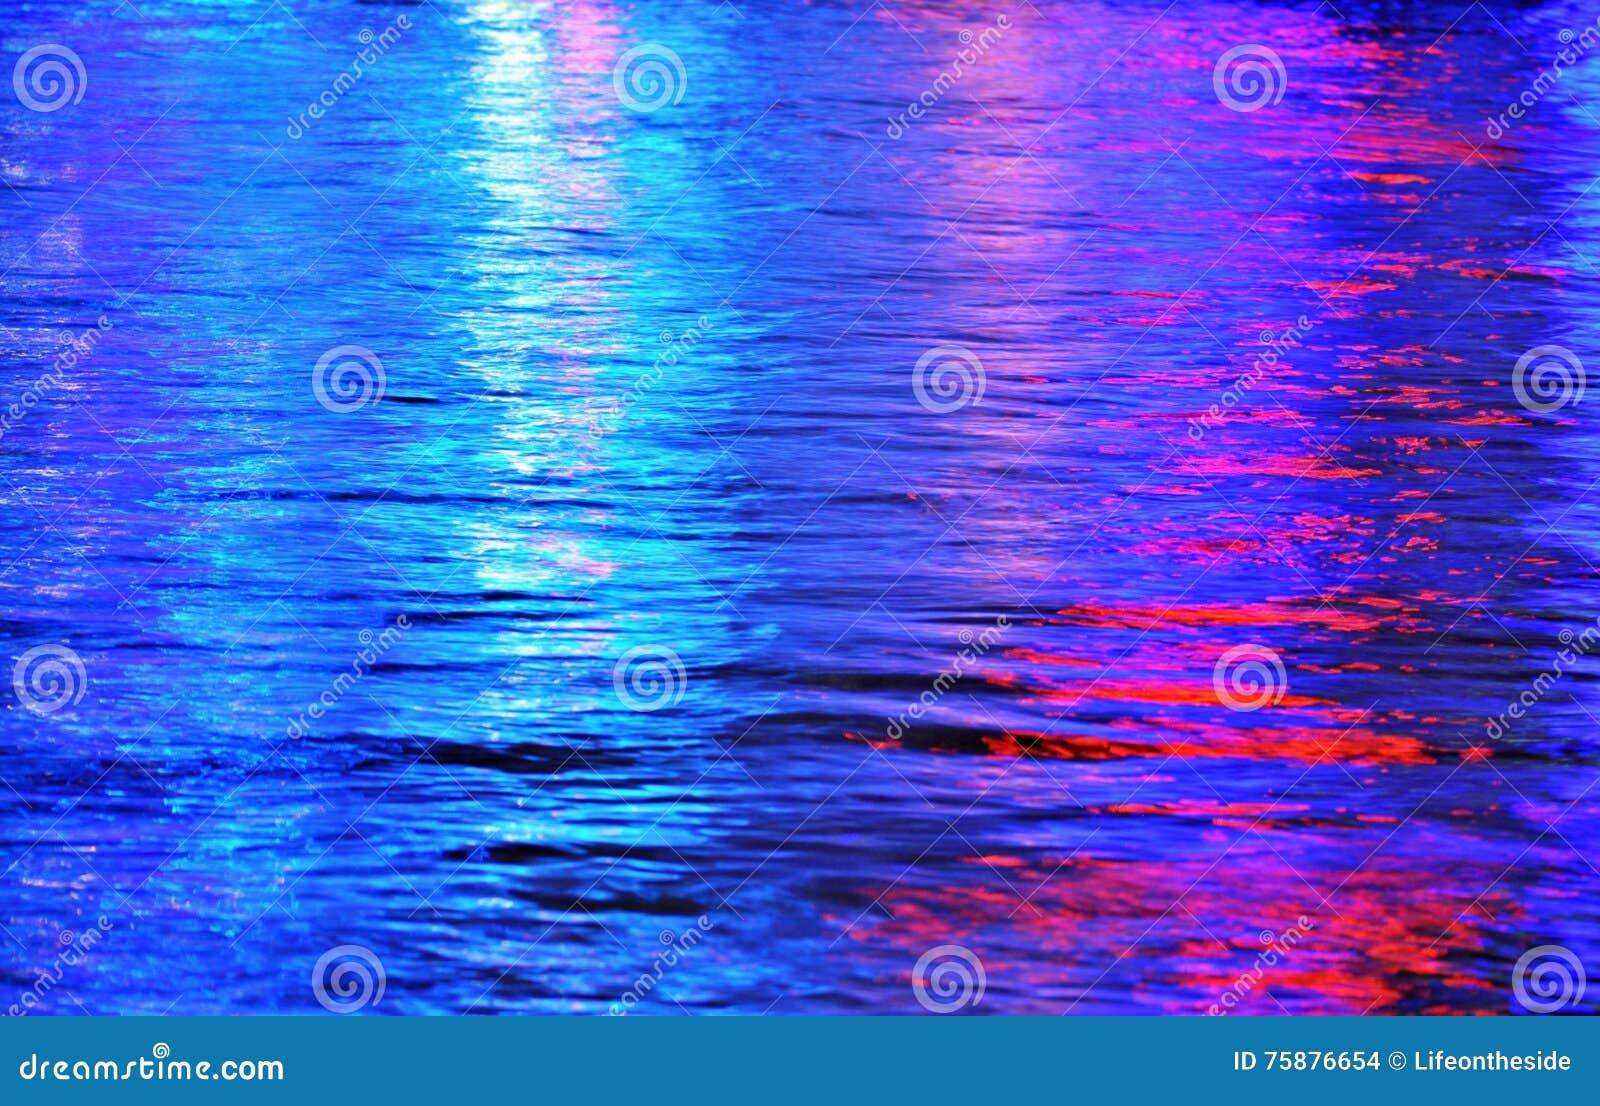 El fondo abstracto colorea el agua multicolora coloreada arco iris